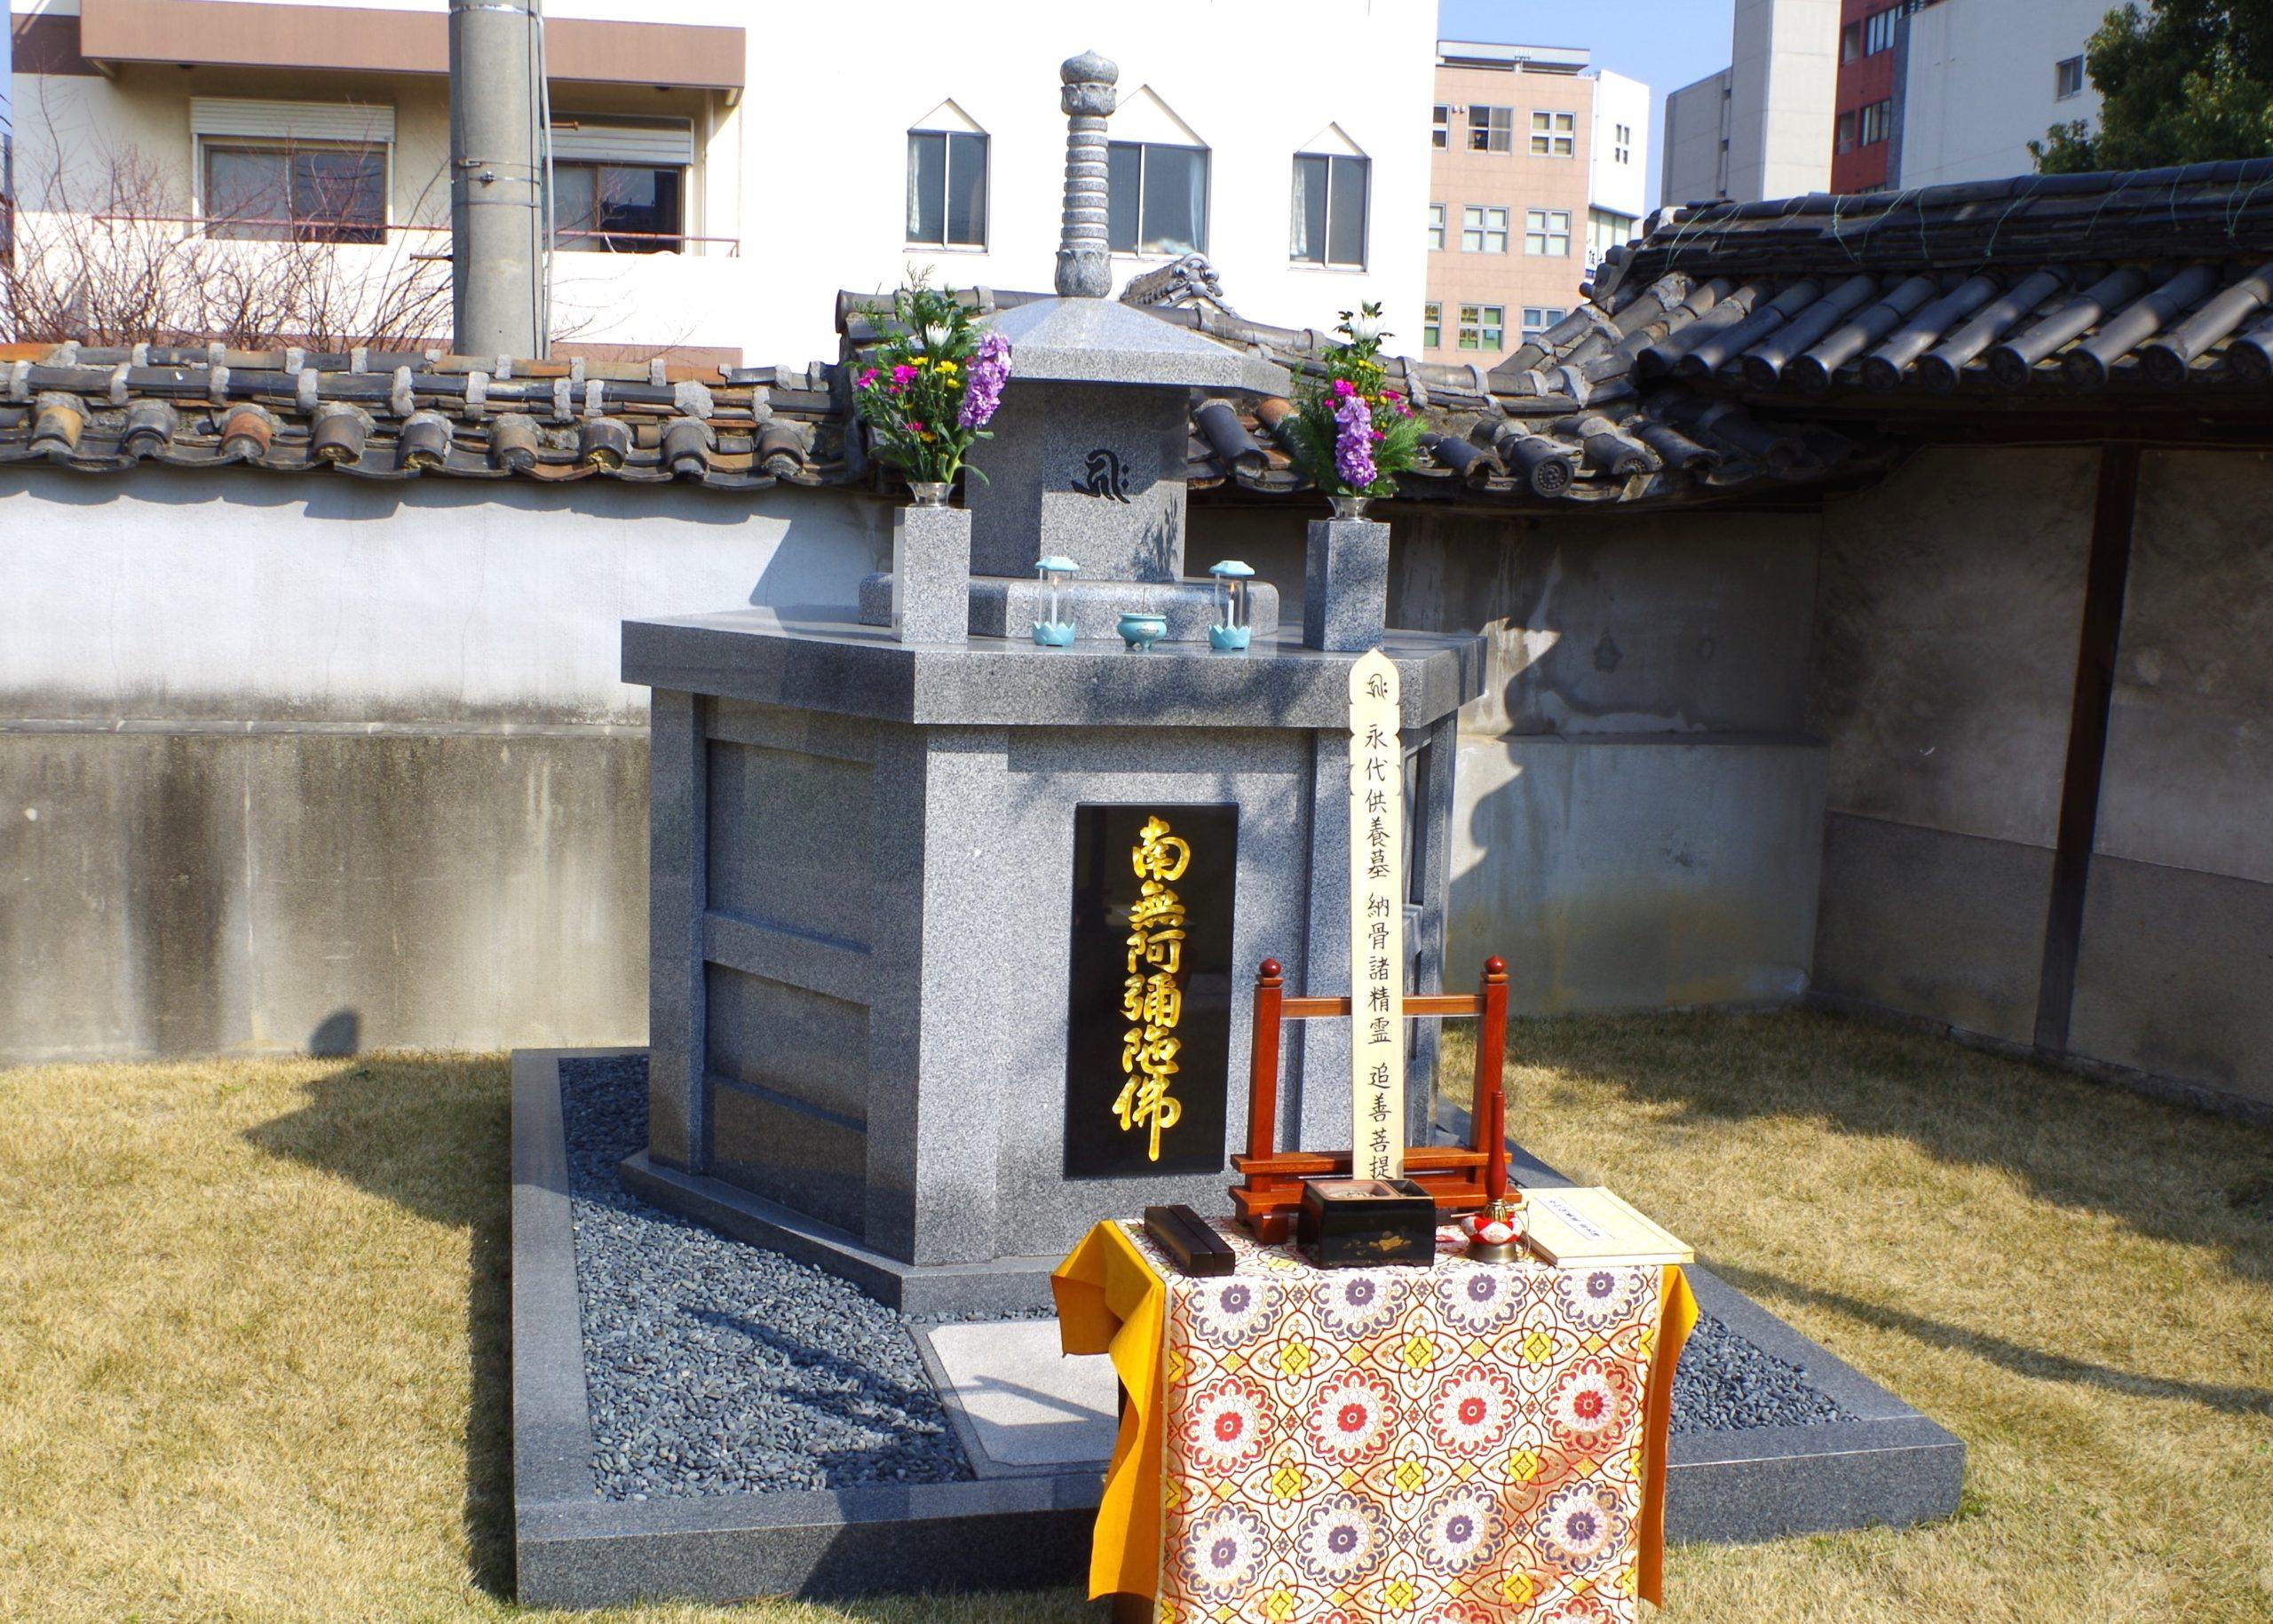 大乗寺 墓前供養2018 2